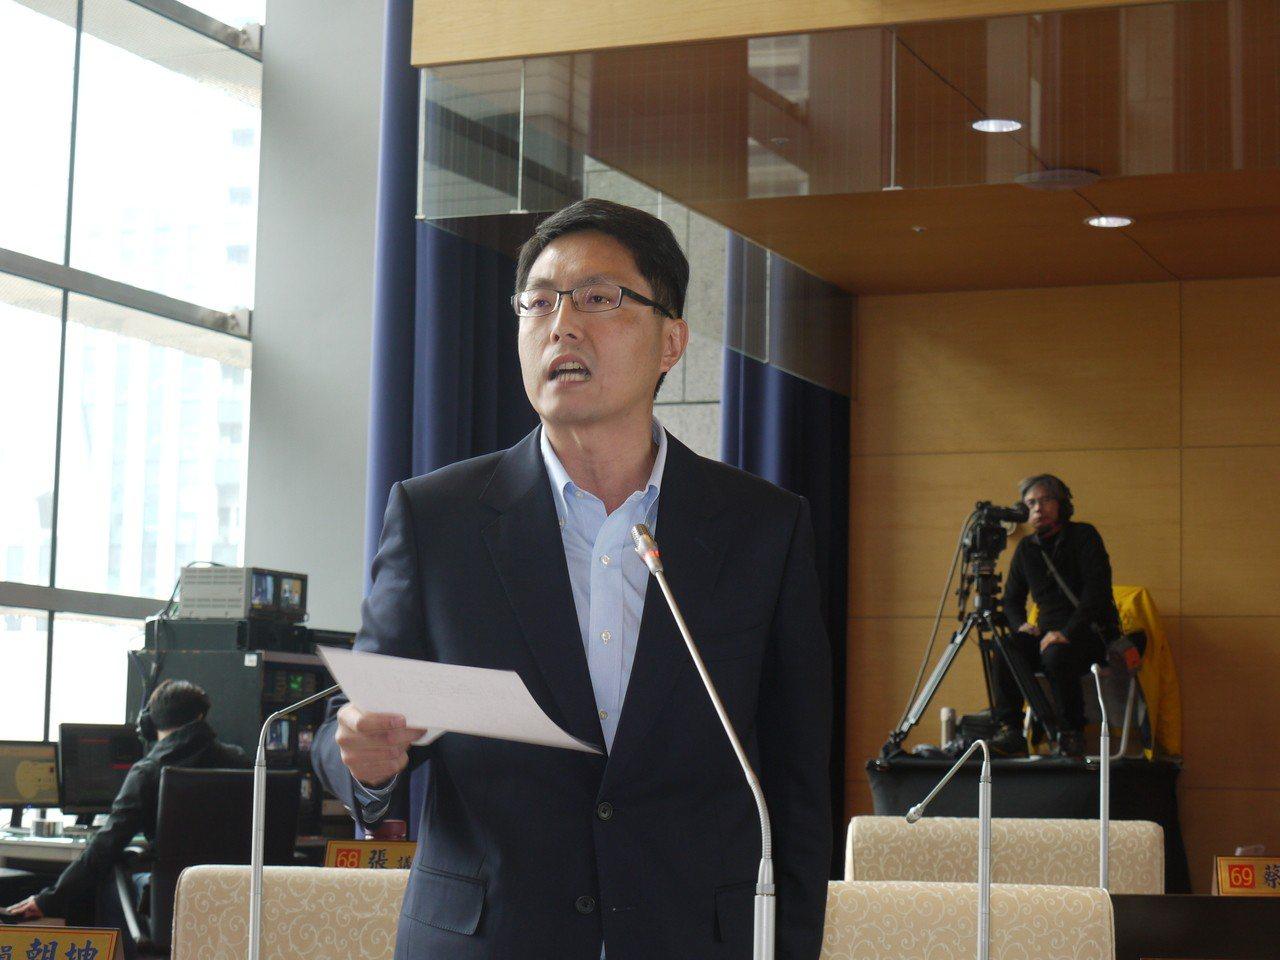 民進黨議員林德宇質疑,台中花博開幕迄今,票房收入不到5億元,遠低於預期的16.8...